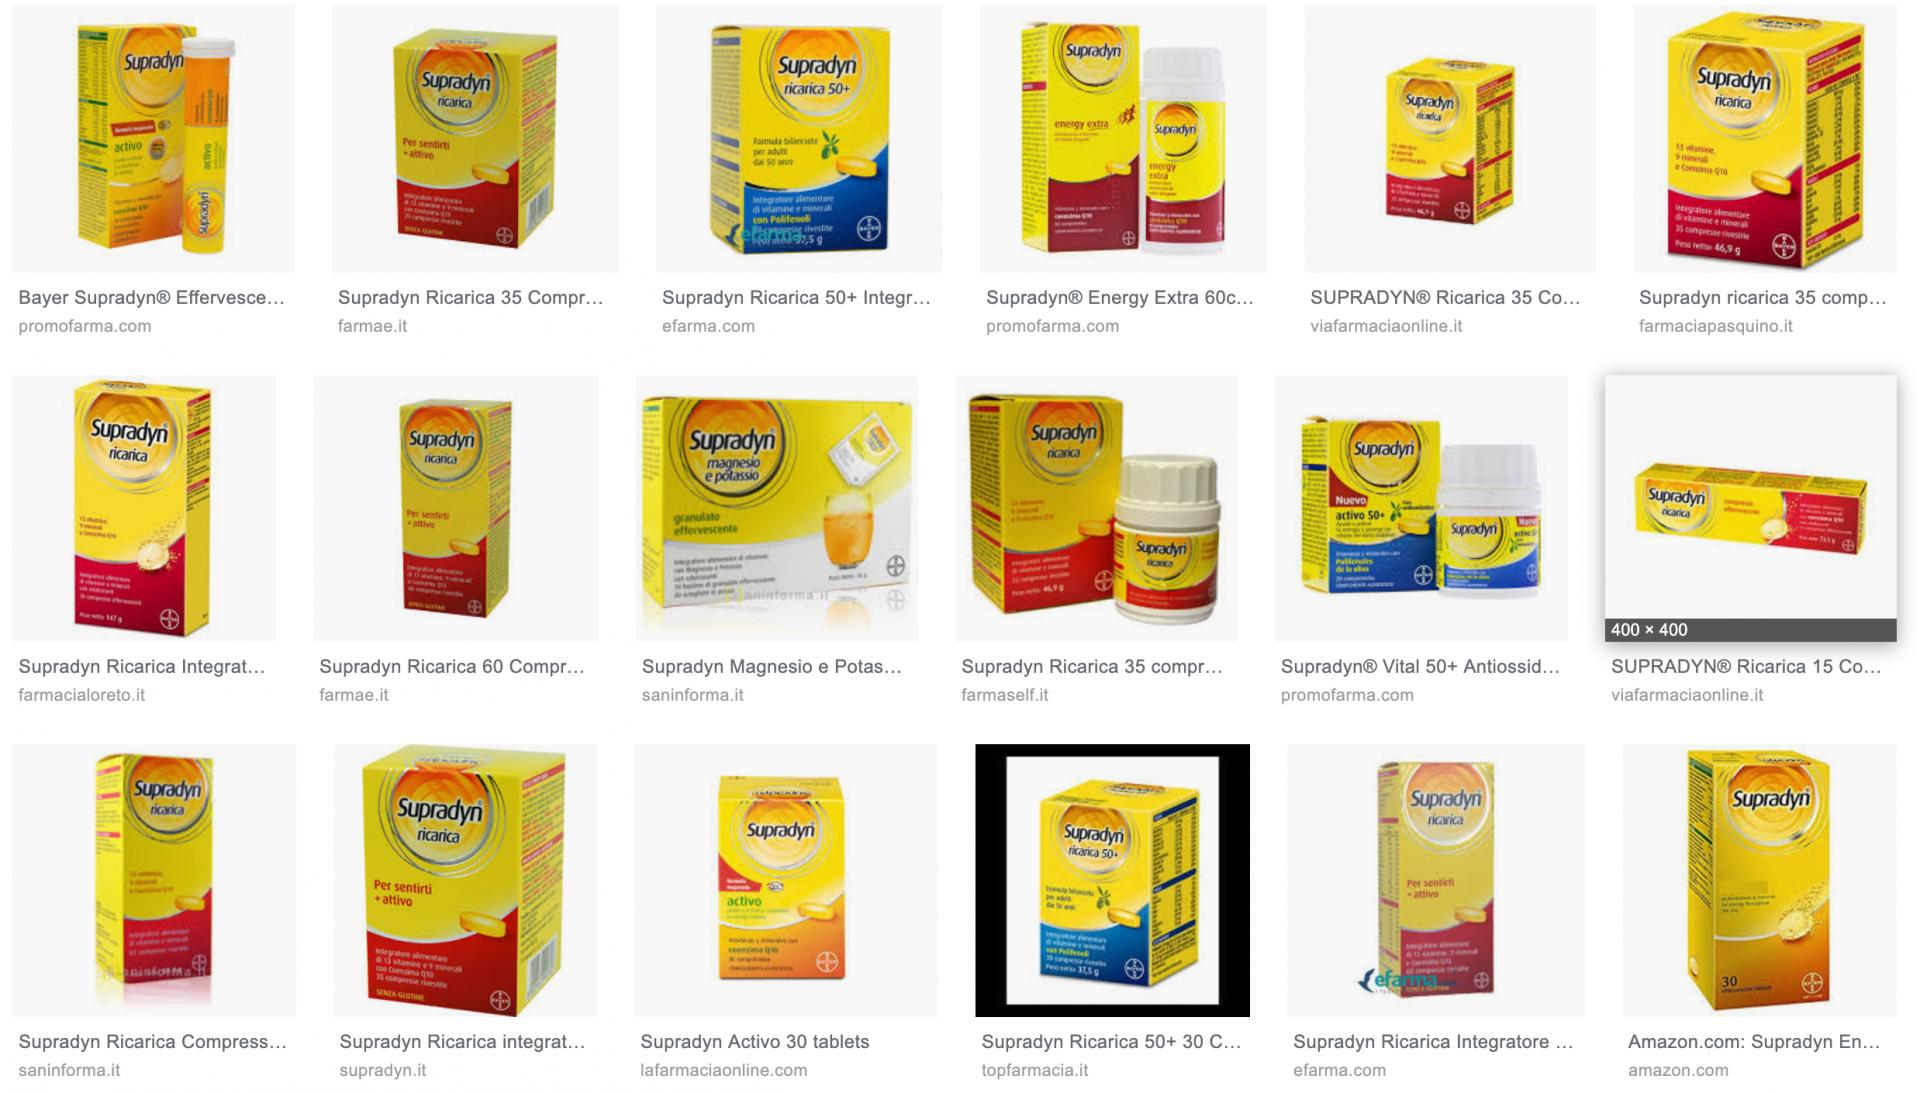 Il packaging inconfondibile del Supradyn in una schermata dei risultati di ricerca Google